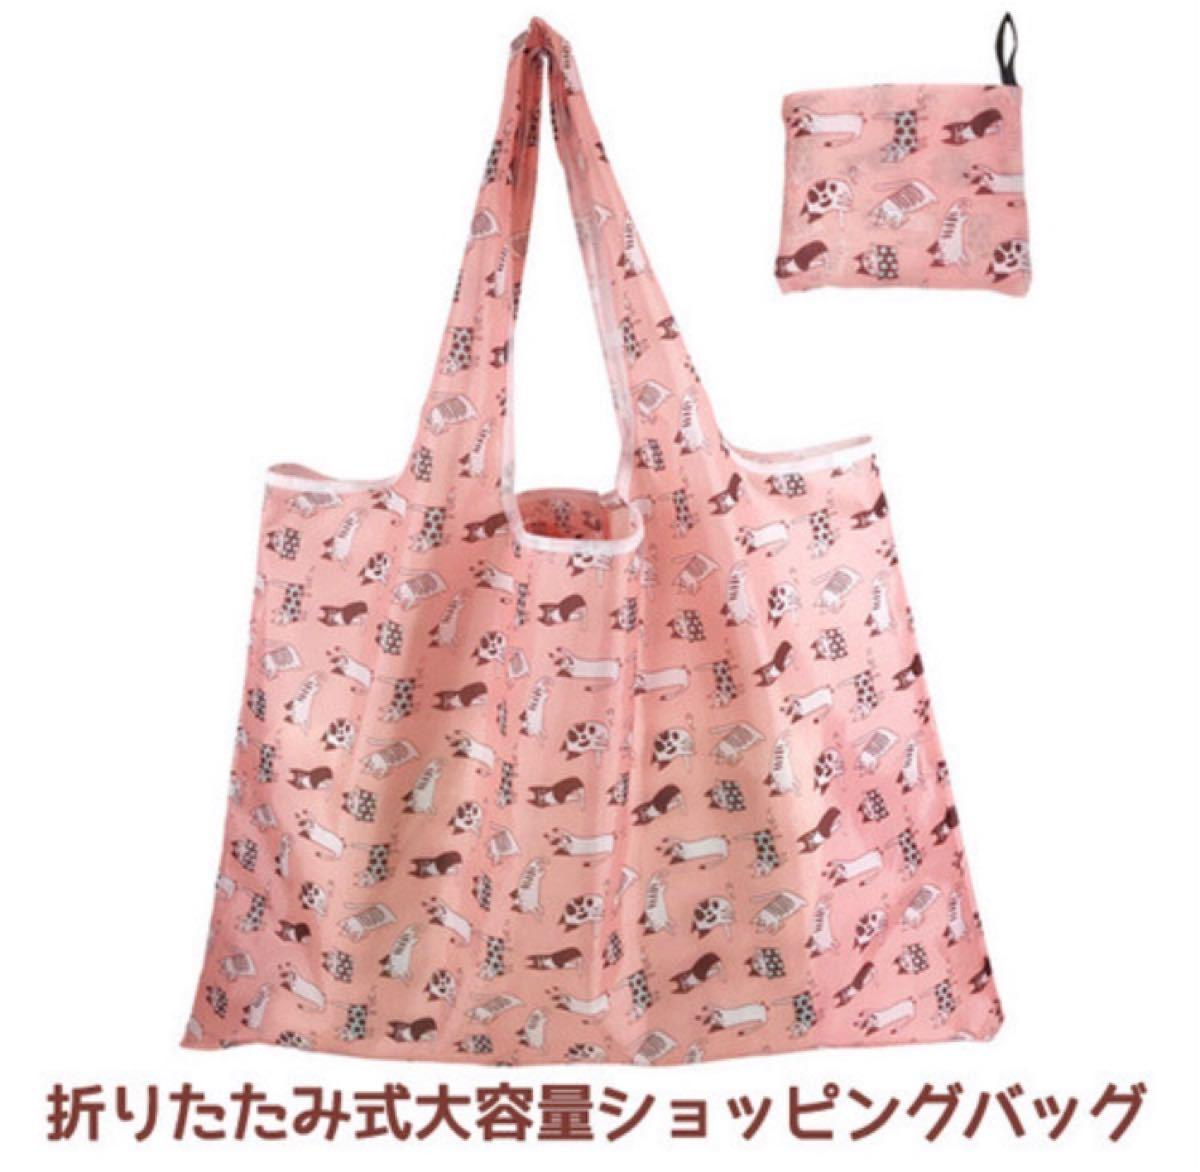 エコバッグ ショッピングバッグ 買い物バッグ ねこ柄 折りたたみバッグ